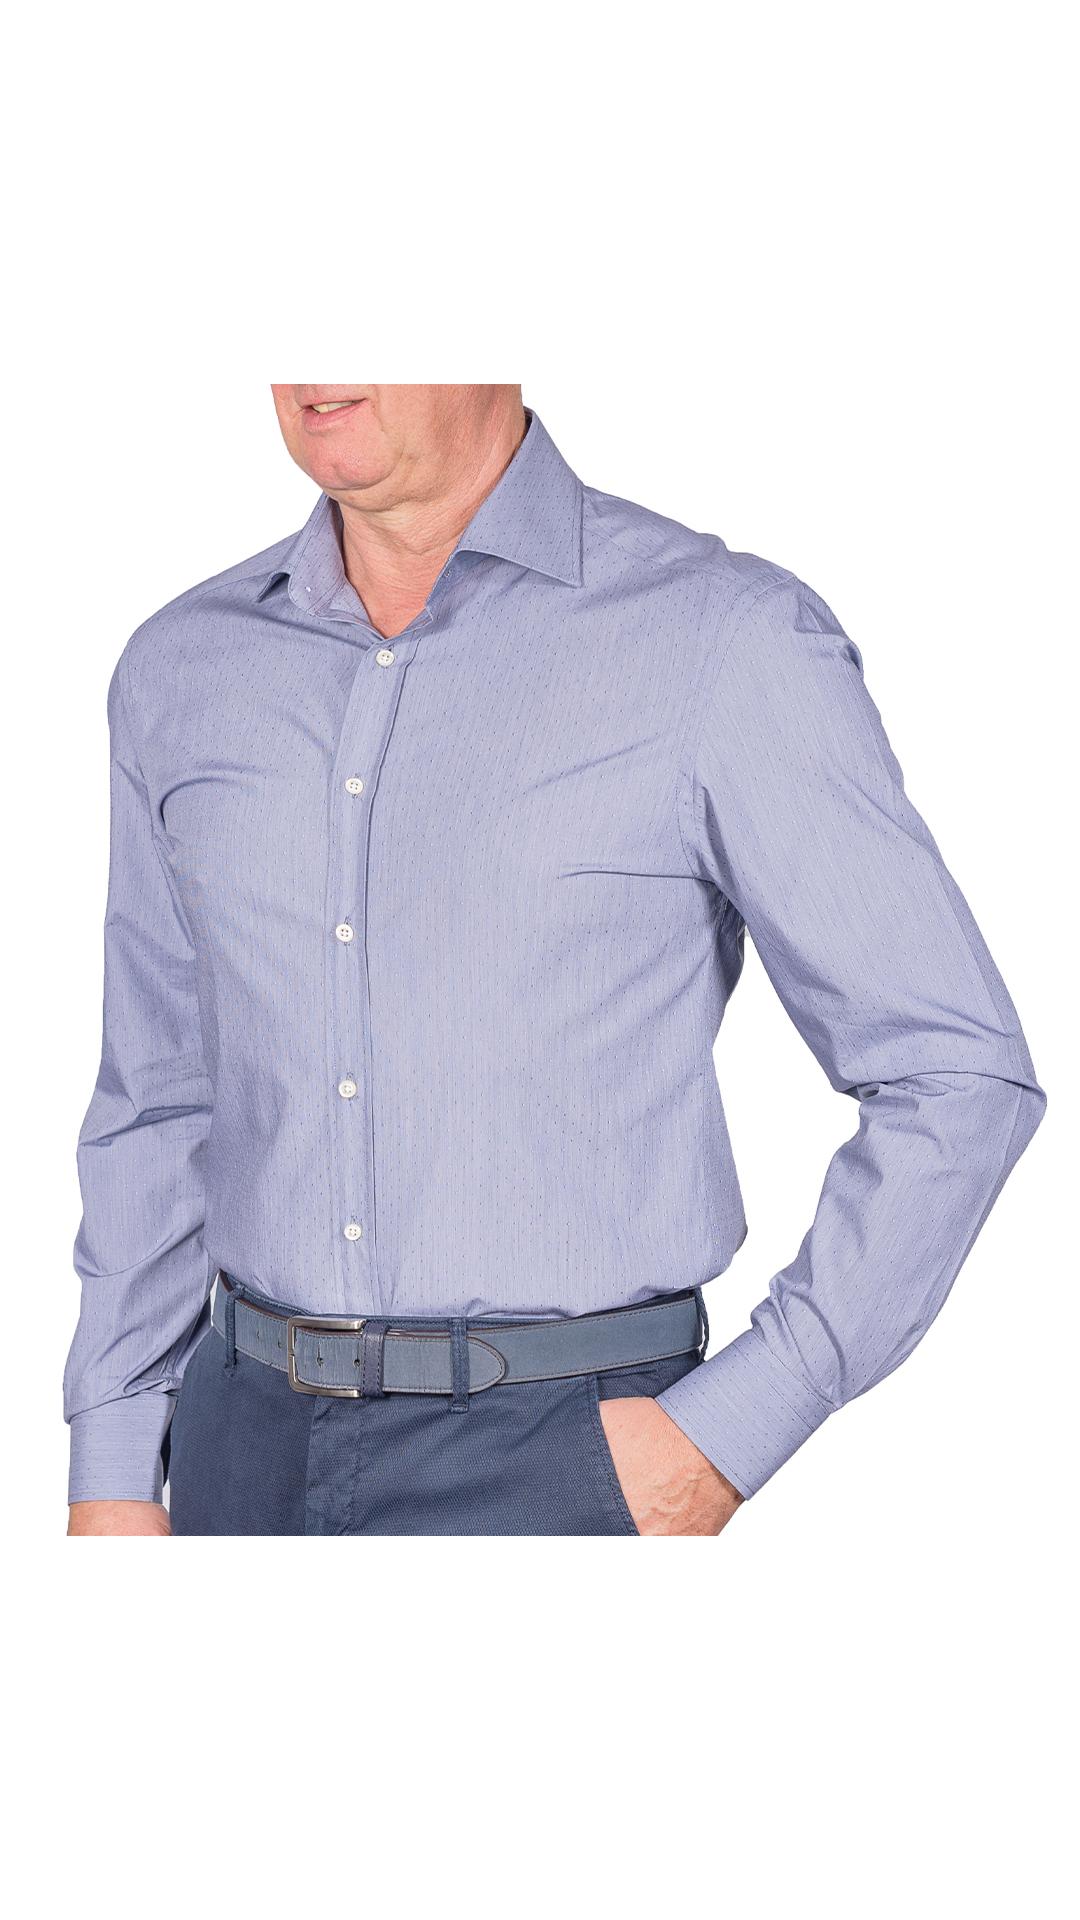 LUXURYJTEL0005 CAMICIA UOMO DOPPIO RITORTO MANICA LUNGA 1 1stAmerican camicia elegante da uomo in collo classico 100% cotone alta qualità doppio ritorto manica lunga – camicia sartoriale regular fit